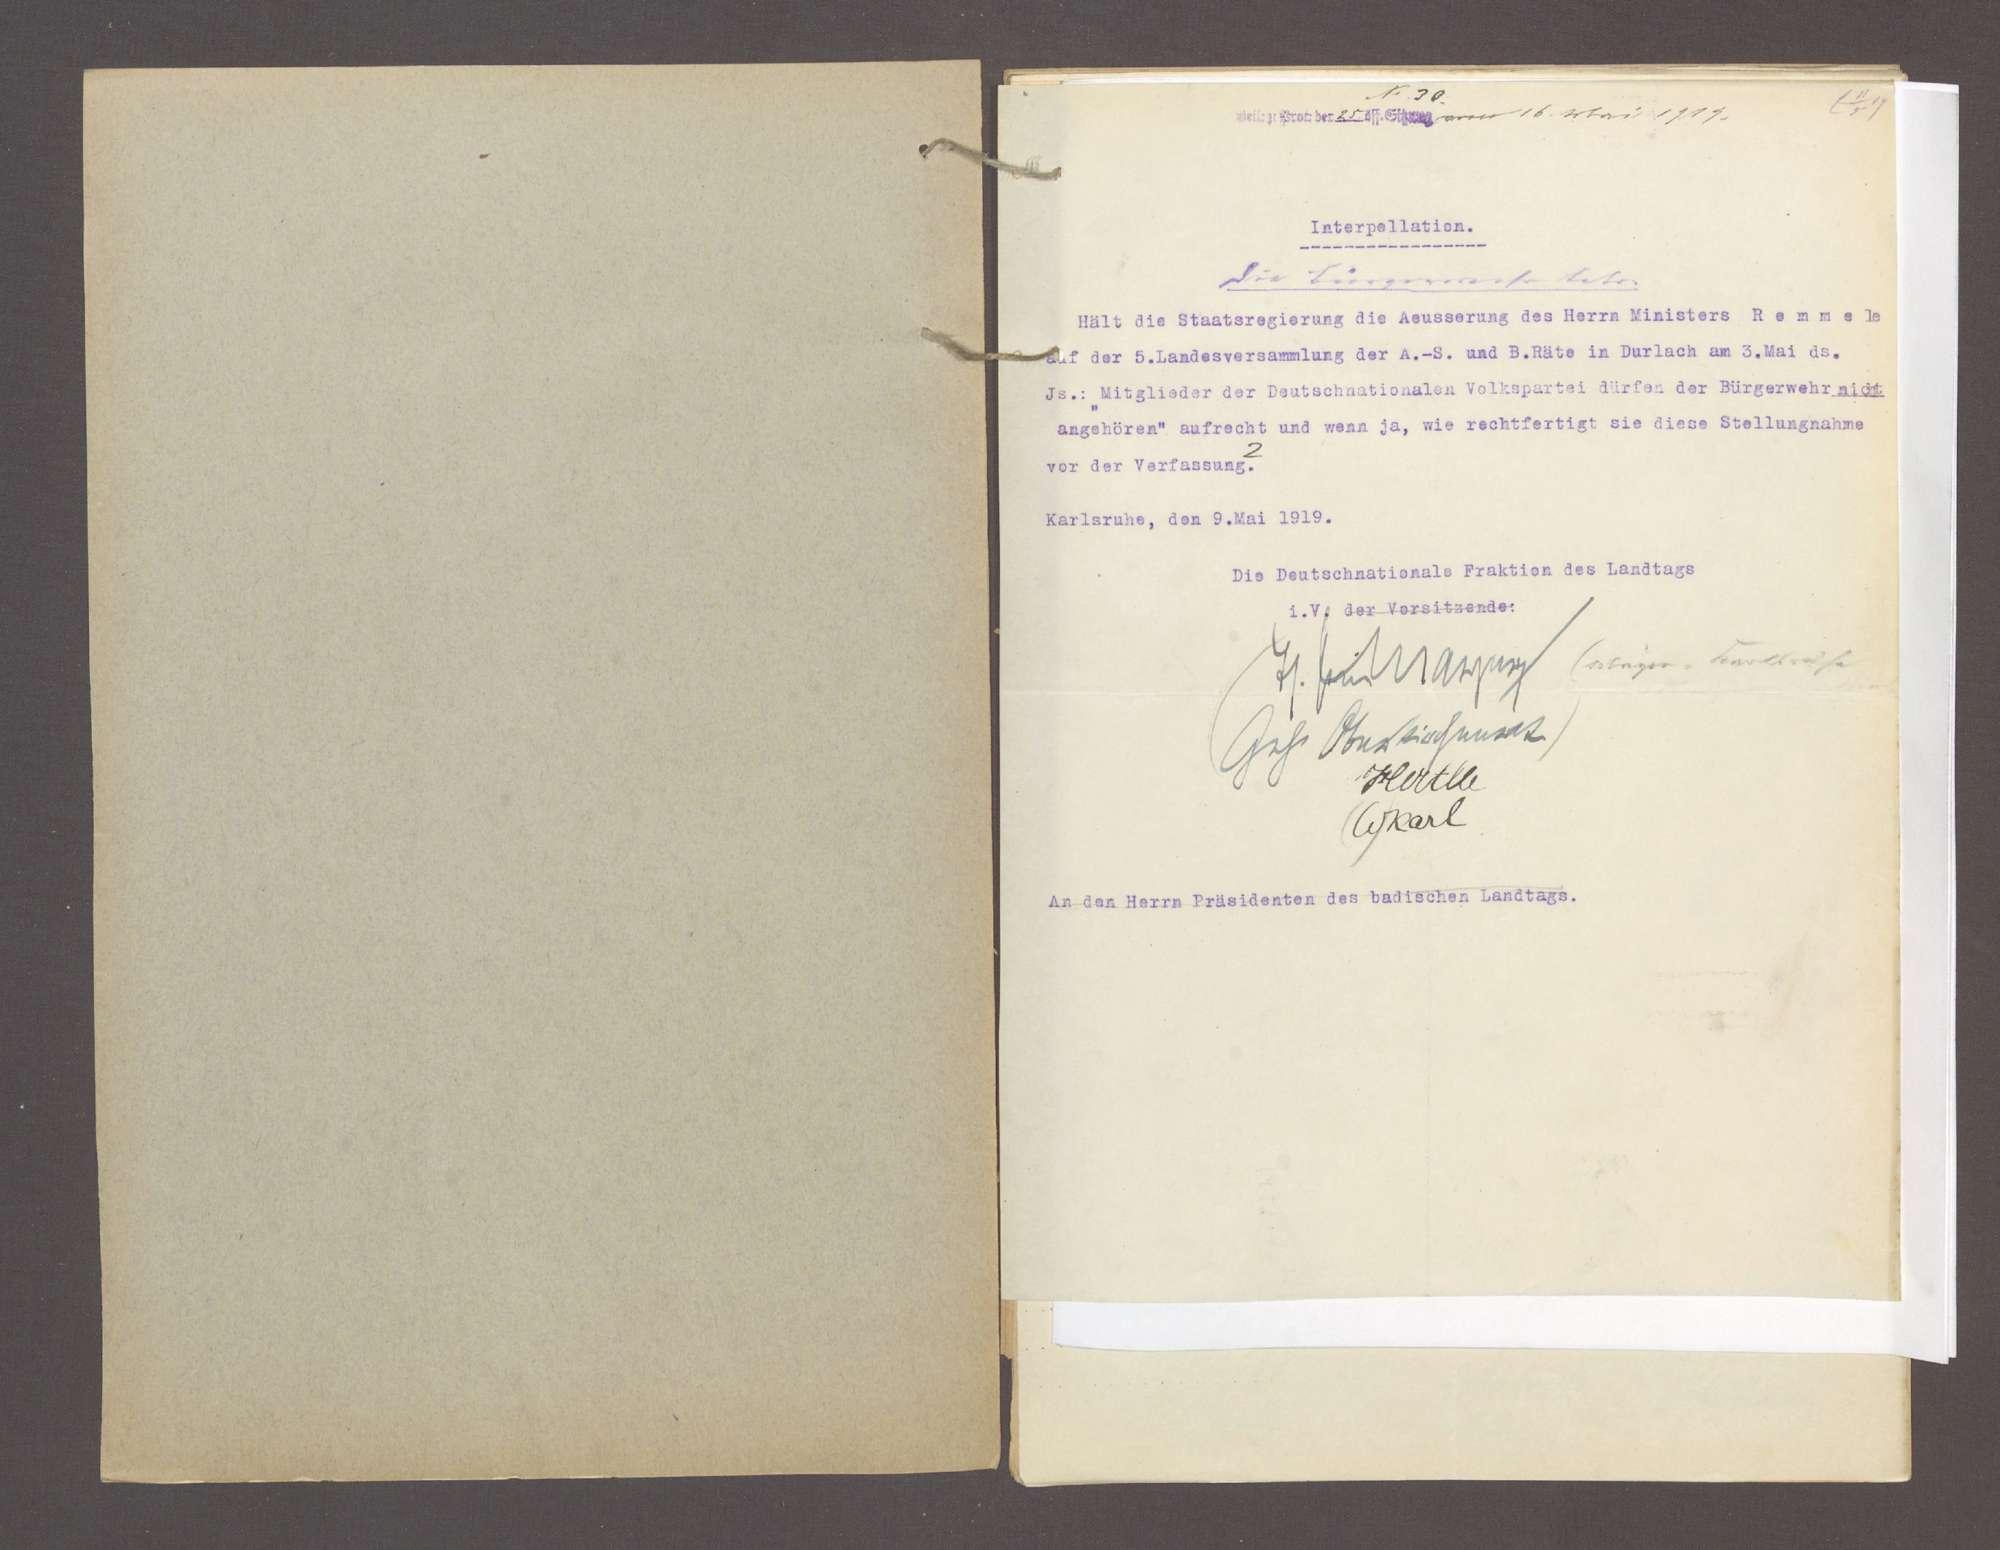 Interpellation 1) der Abg. Mayer, Karlsruhe und Gen., die Bürgerwehr betr. 2) der Abg. König und Gen., die Volkswehr betr., Bild 2